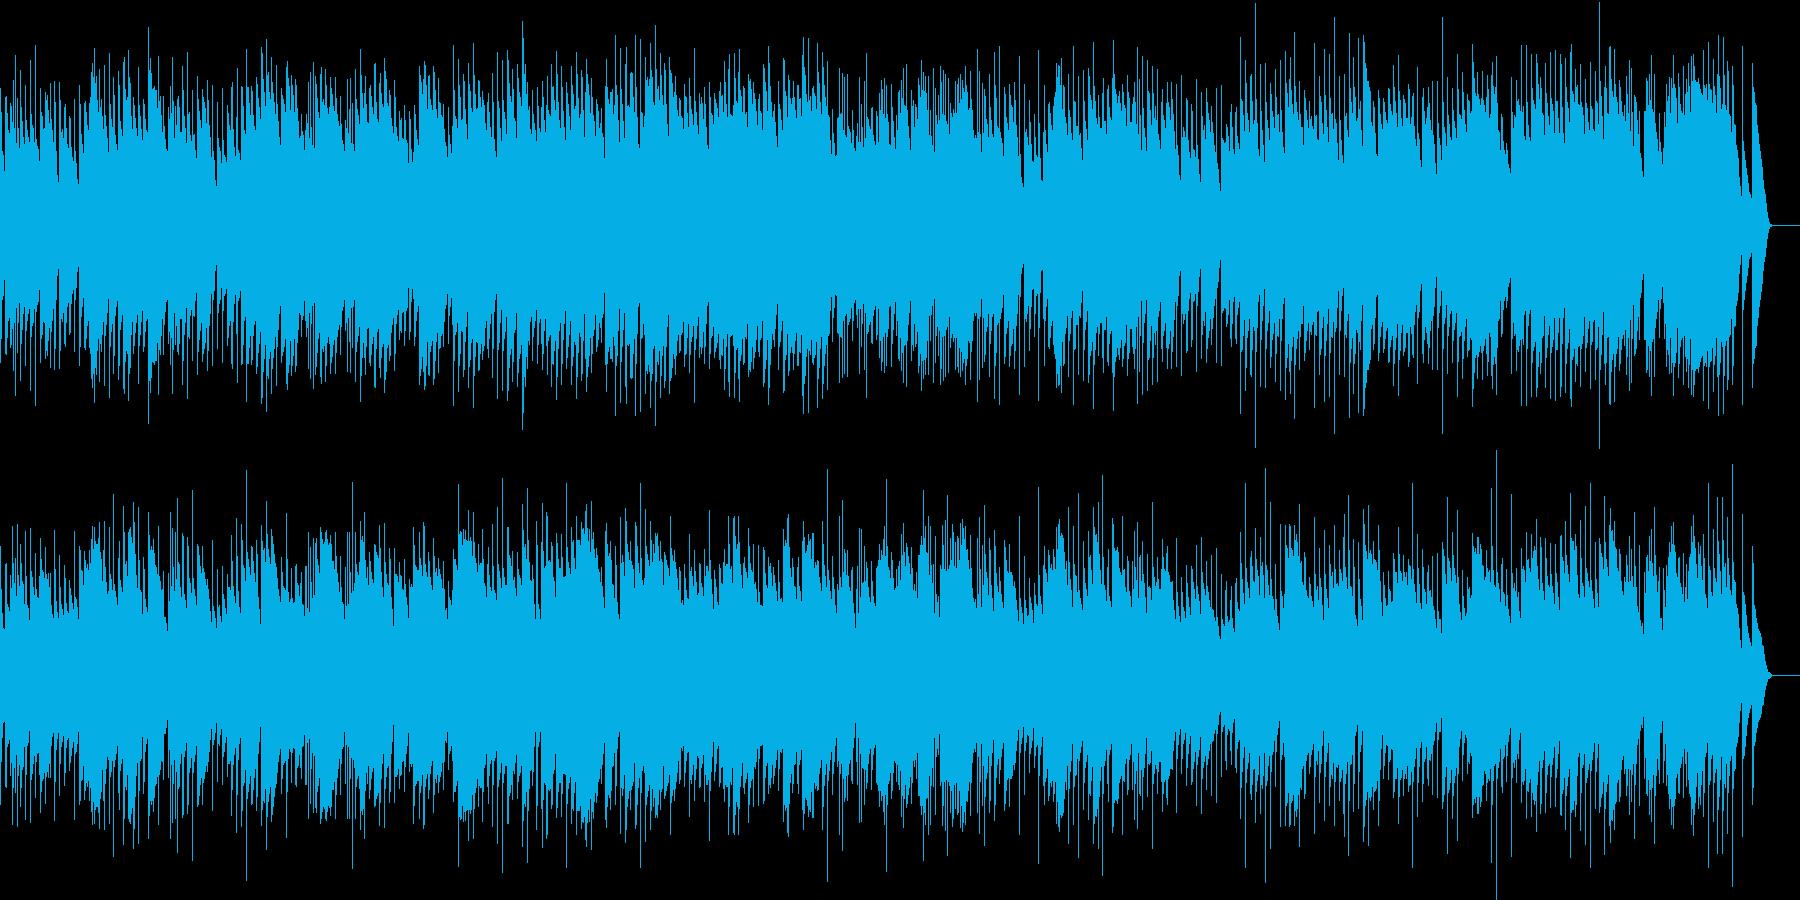 メンデルスゾーン 春の歌 (オルゴール)の再生済みの波形